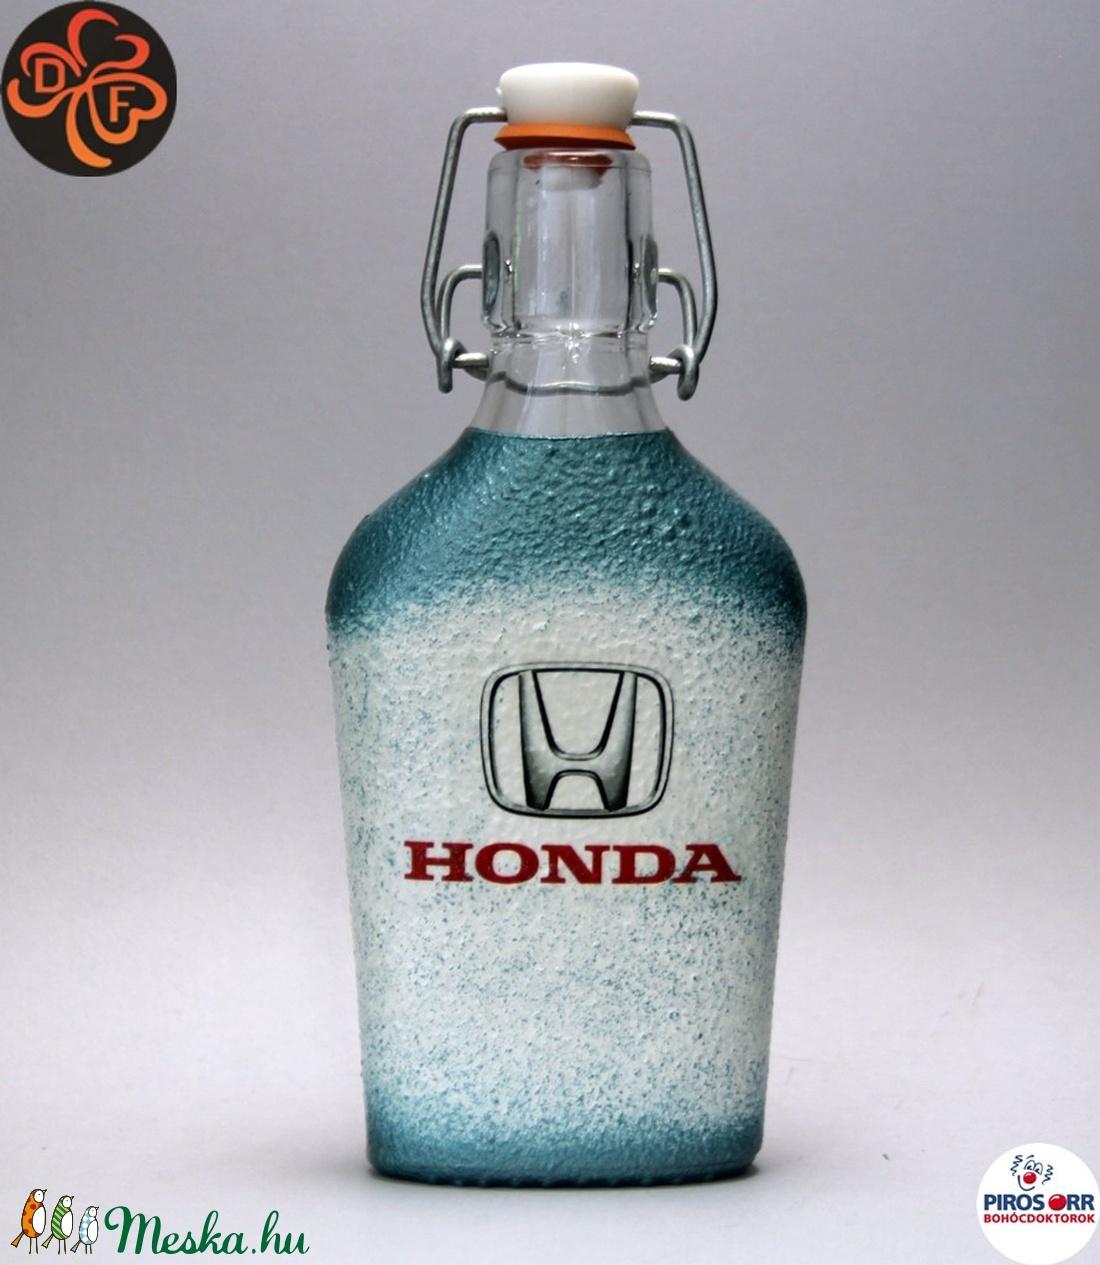 HONDA röviditalos csatosüveg ; Saját Honda autód fotójával is elkészítjük (decorfantasy) - Meska.hu